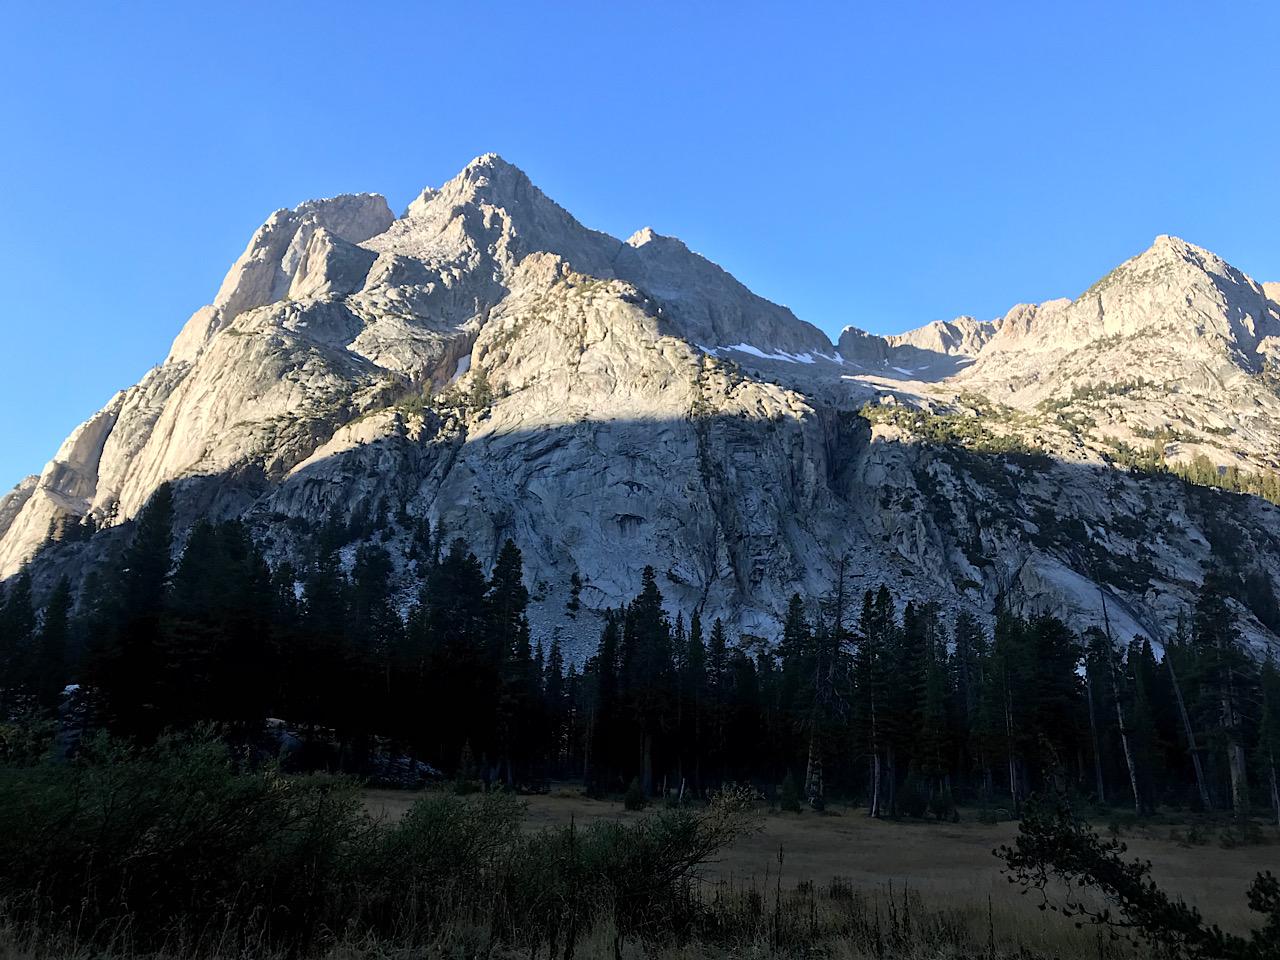 Sick Mountains!